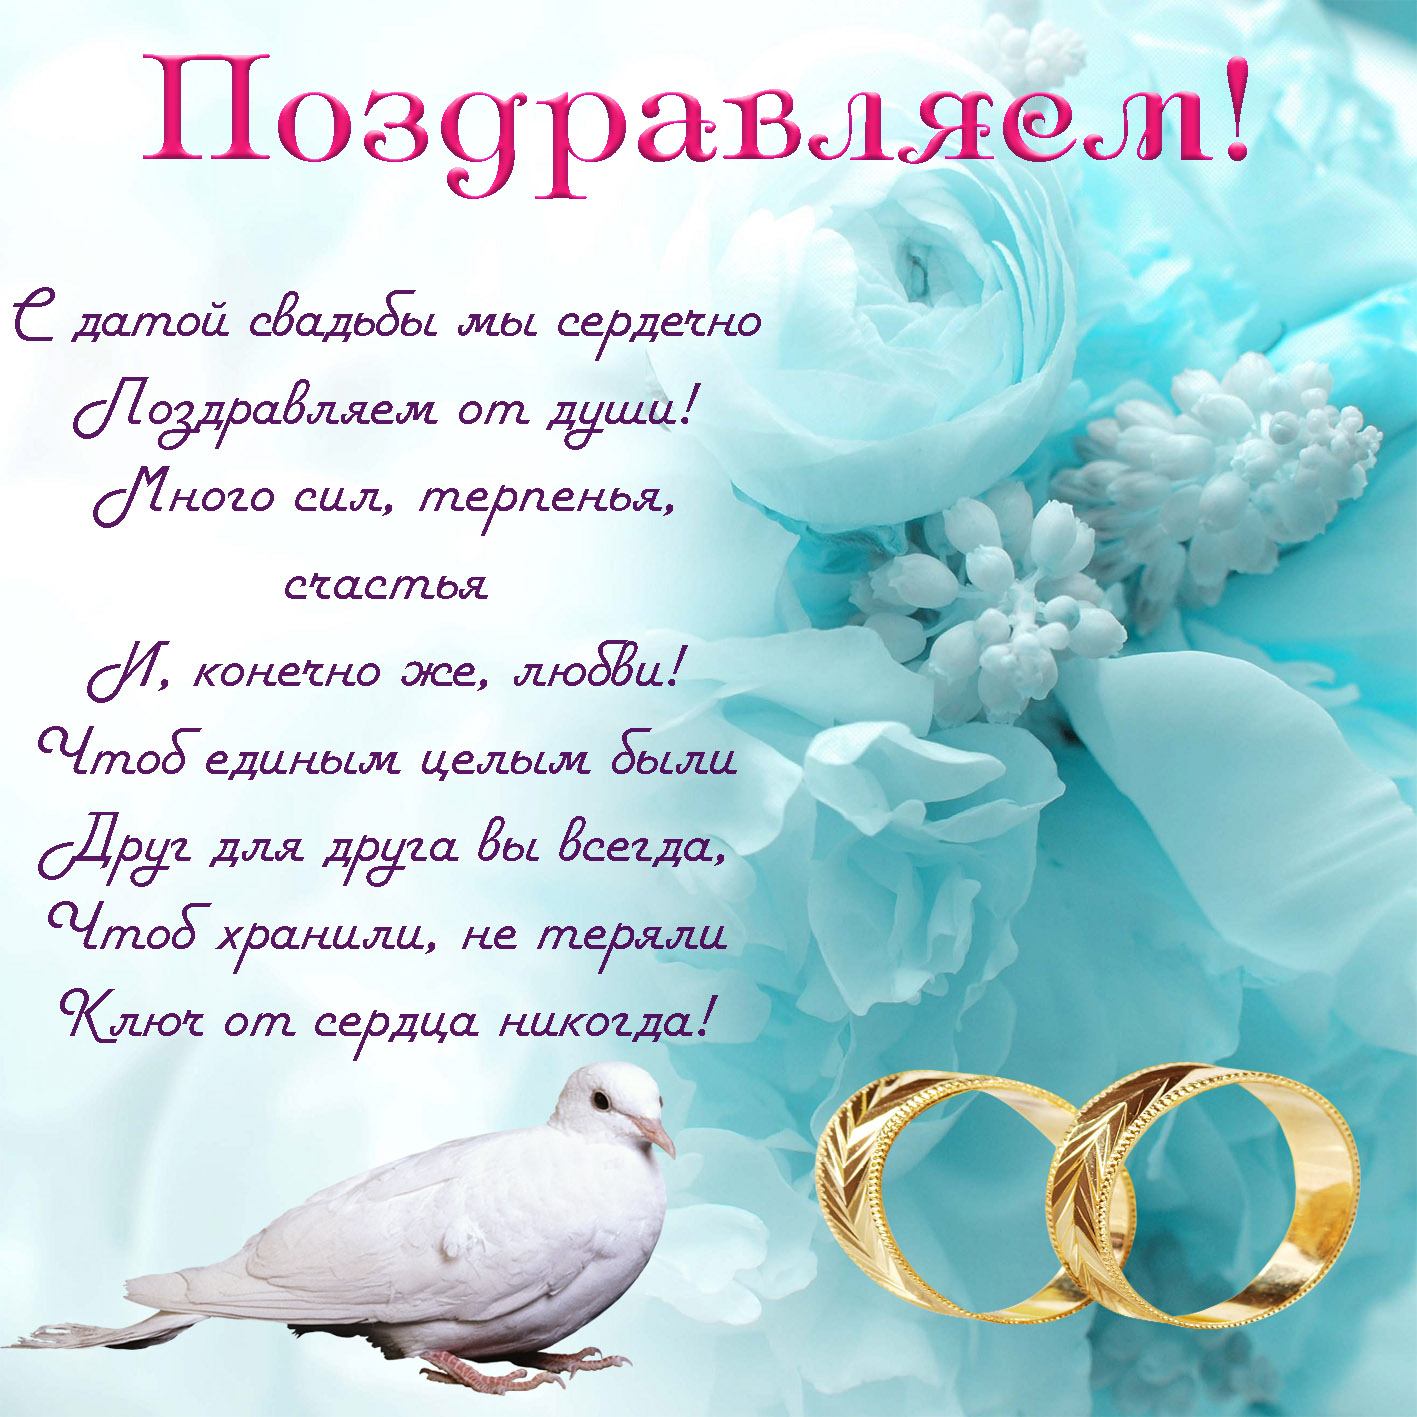 поздравительные открытки с юбилеем свадьбы организациях ип, которых